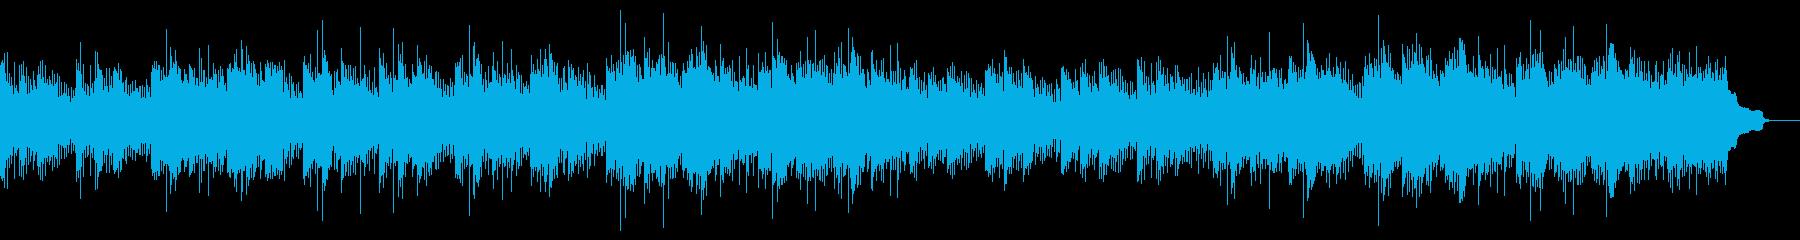 ドラム無し企業VP 清涼感・クリーンな曲の再生済みの波形